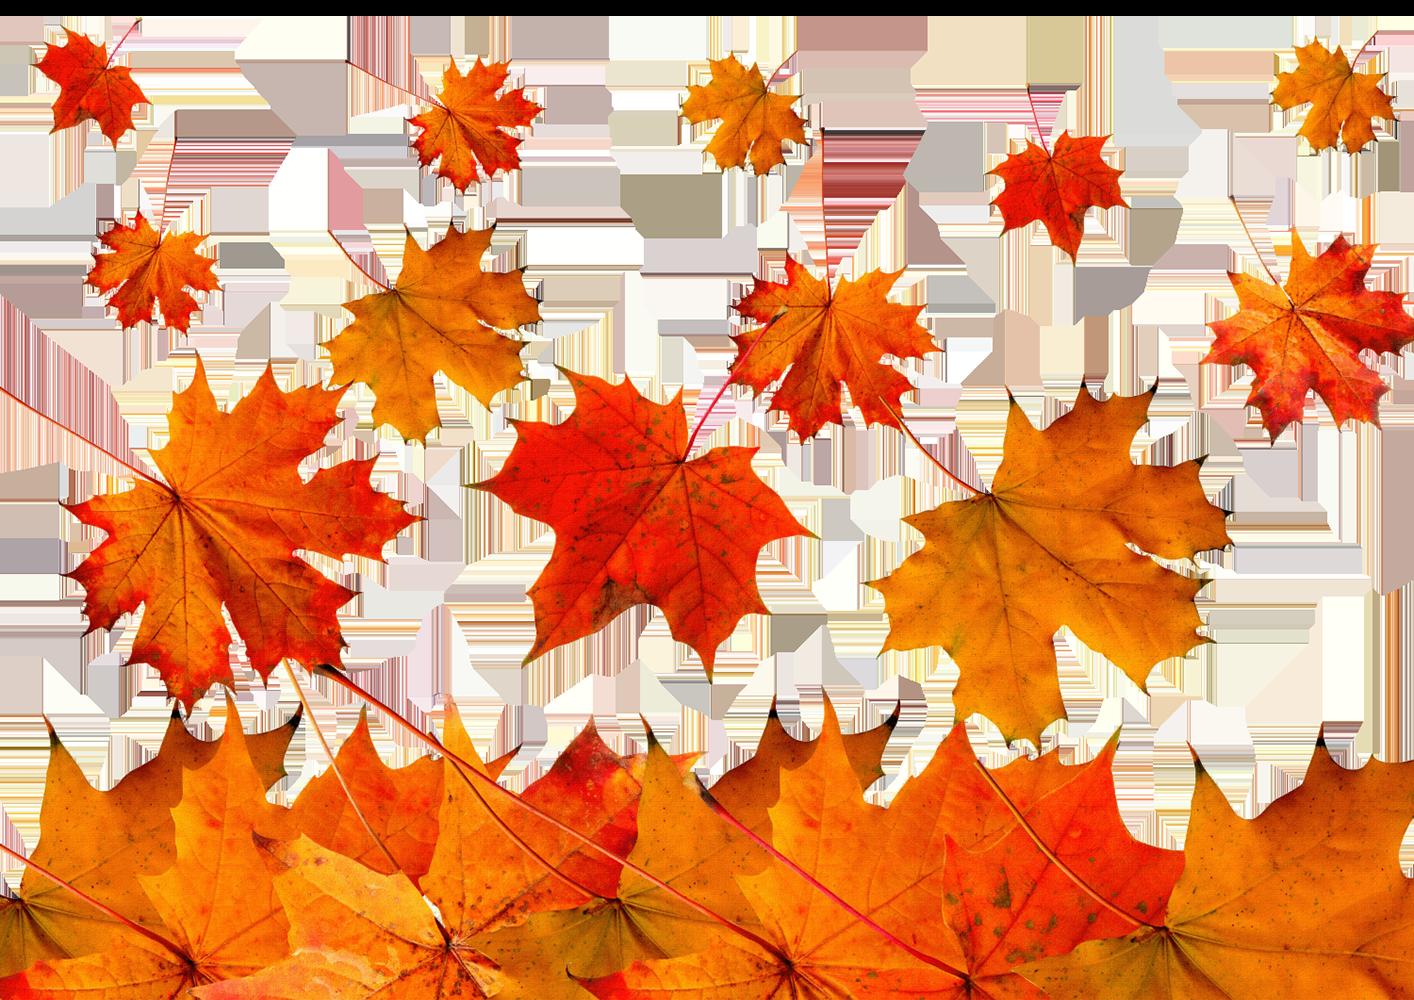 Осенние кленовые листья - осень, листья, клён